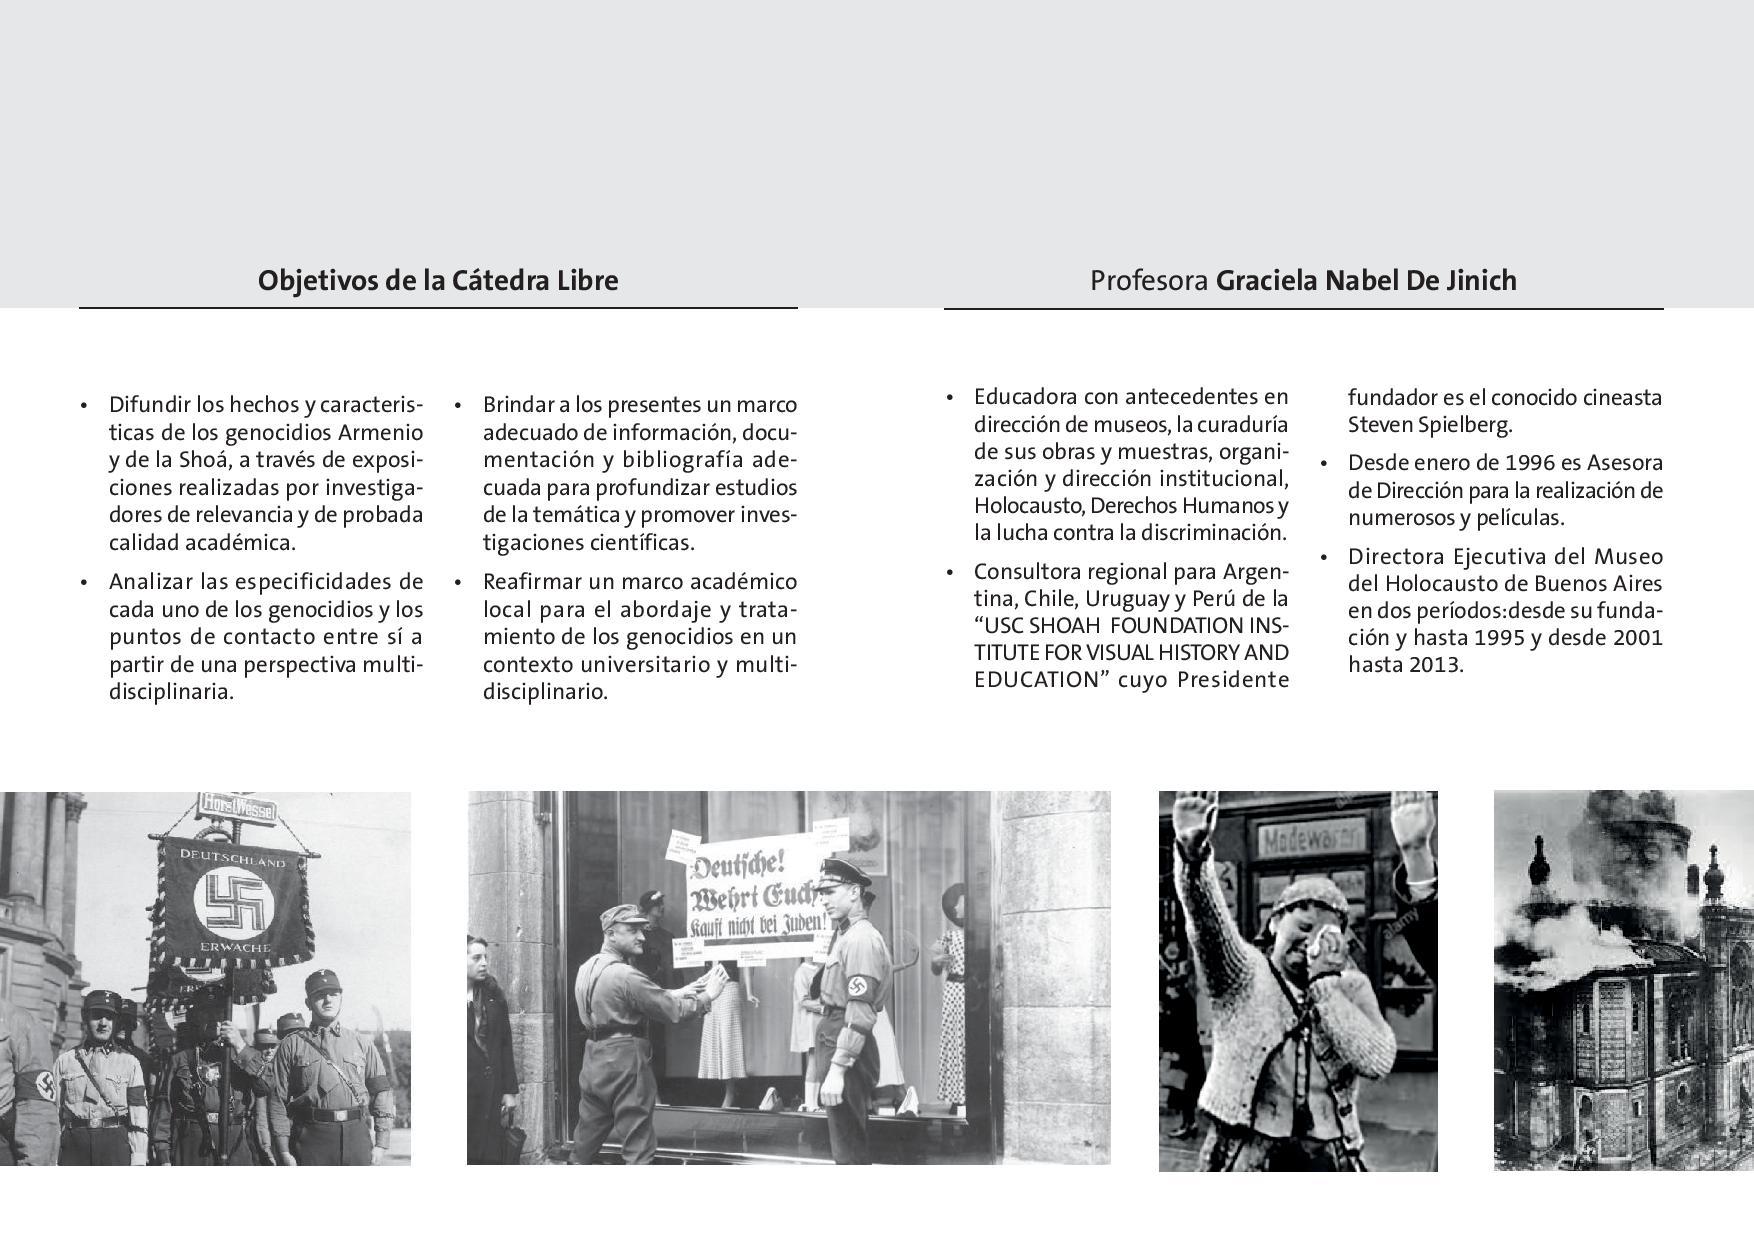 CL Genocidios - Cristales rotos -page-002